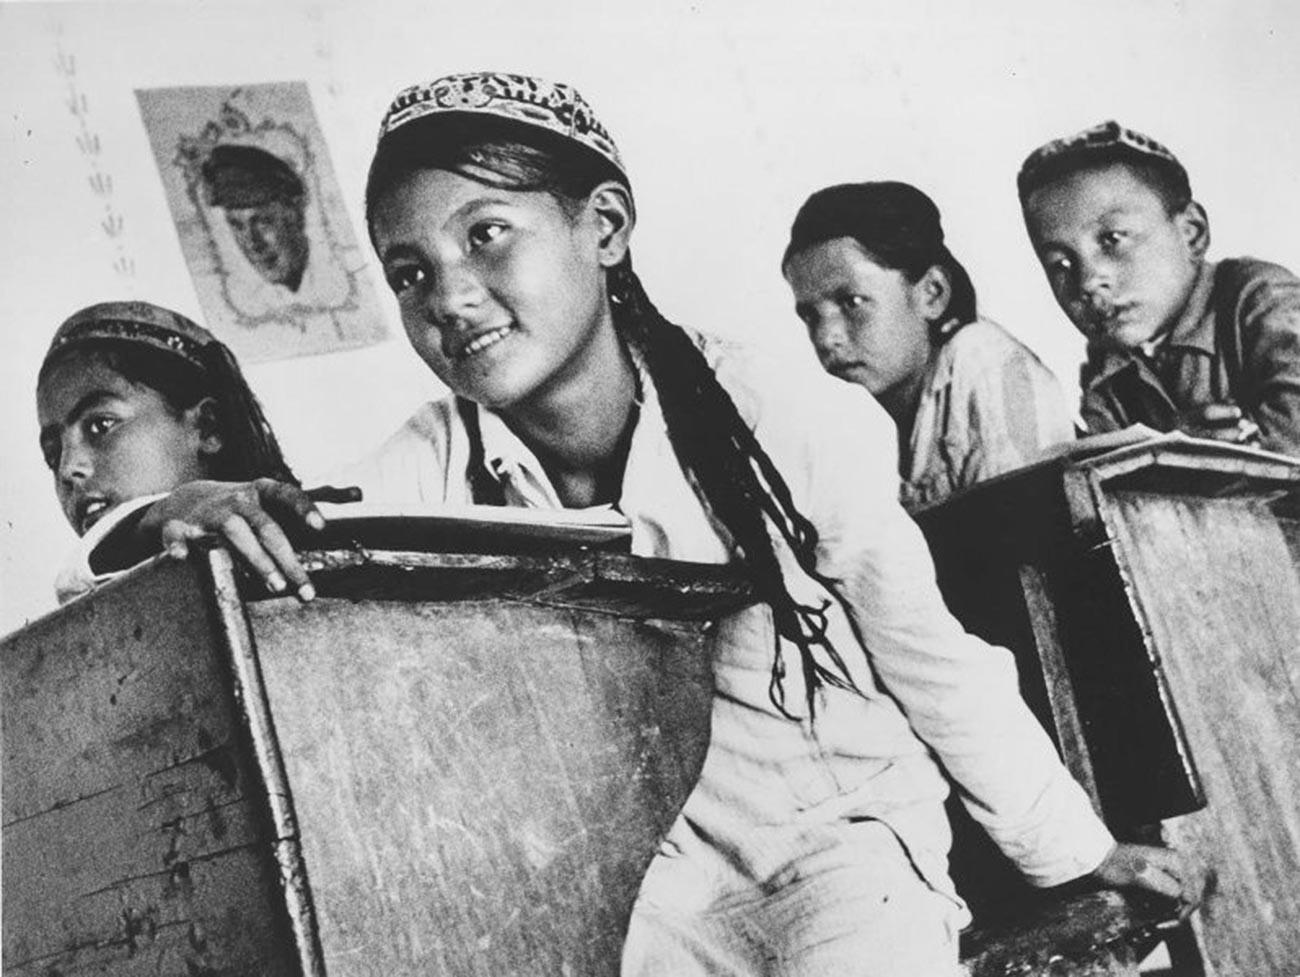 À l'école, Ouzbékistan, années 1930